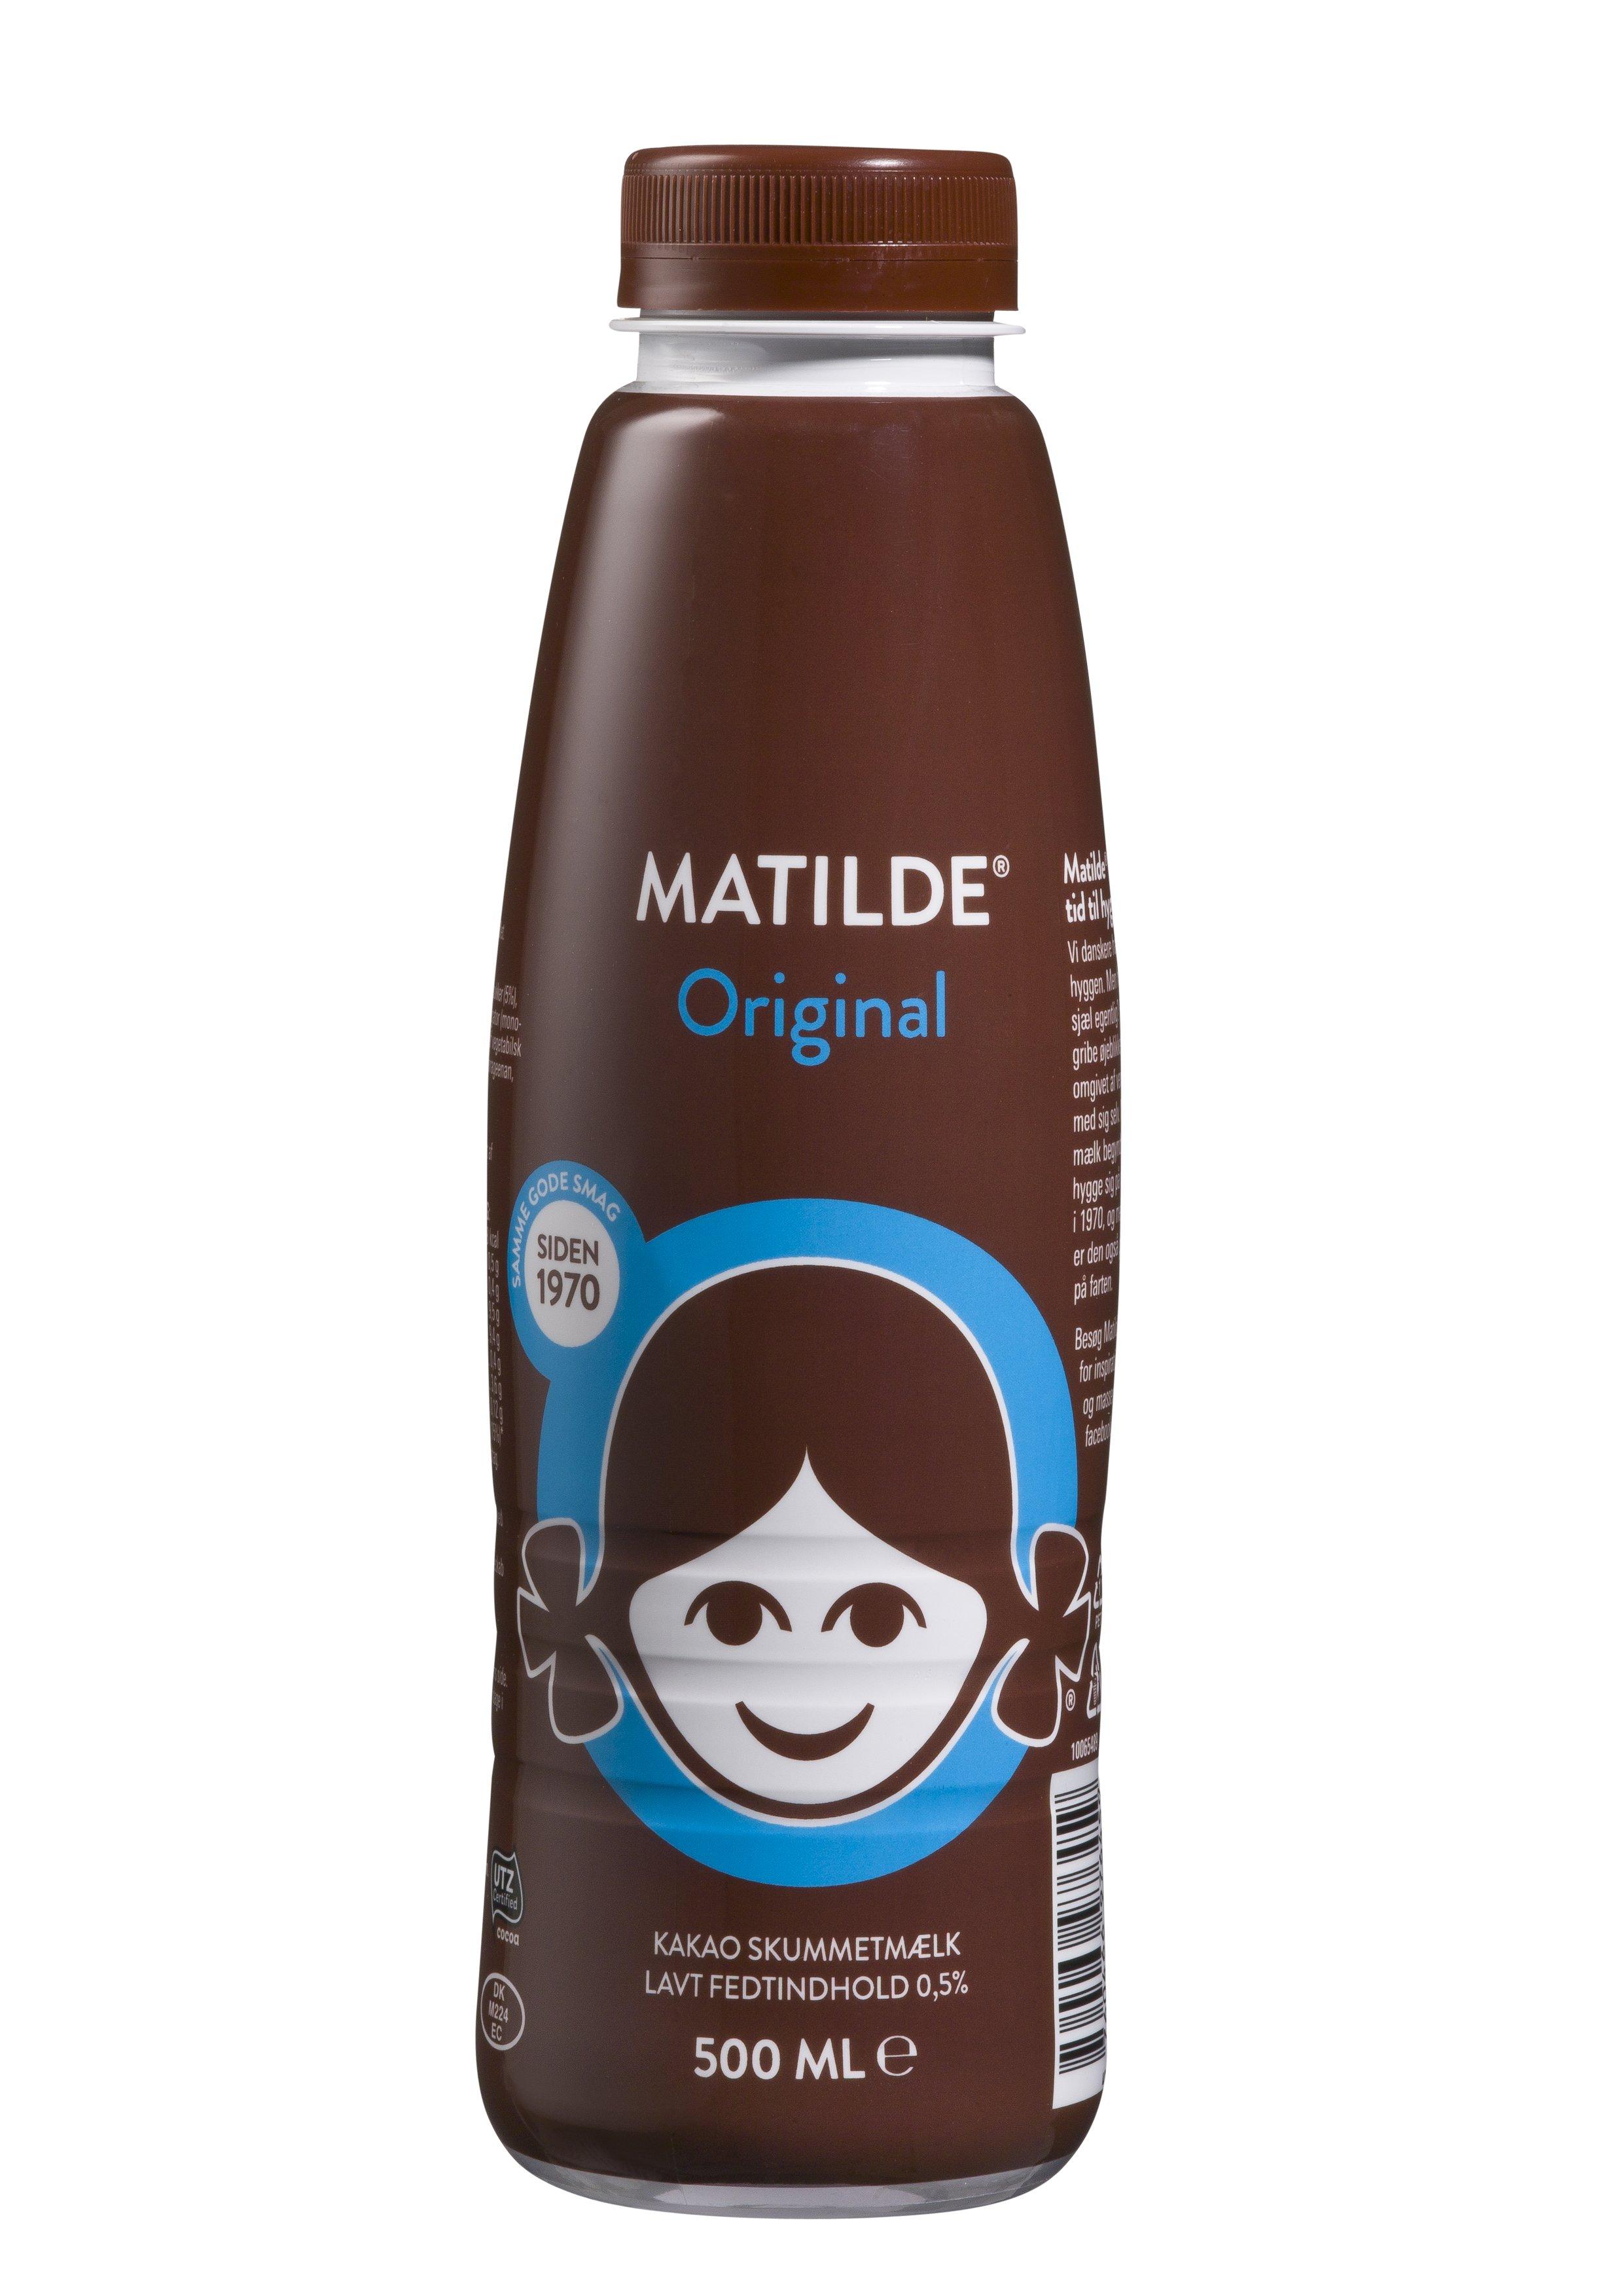 Original kakaoskummetmælk 0,5%